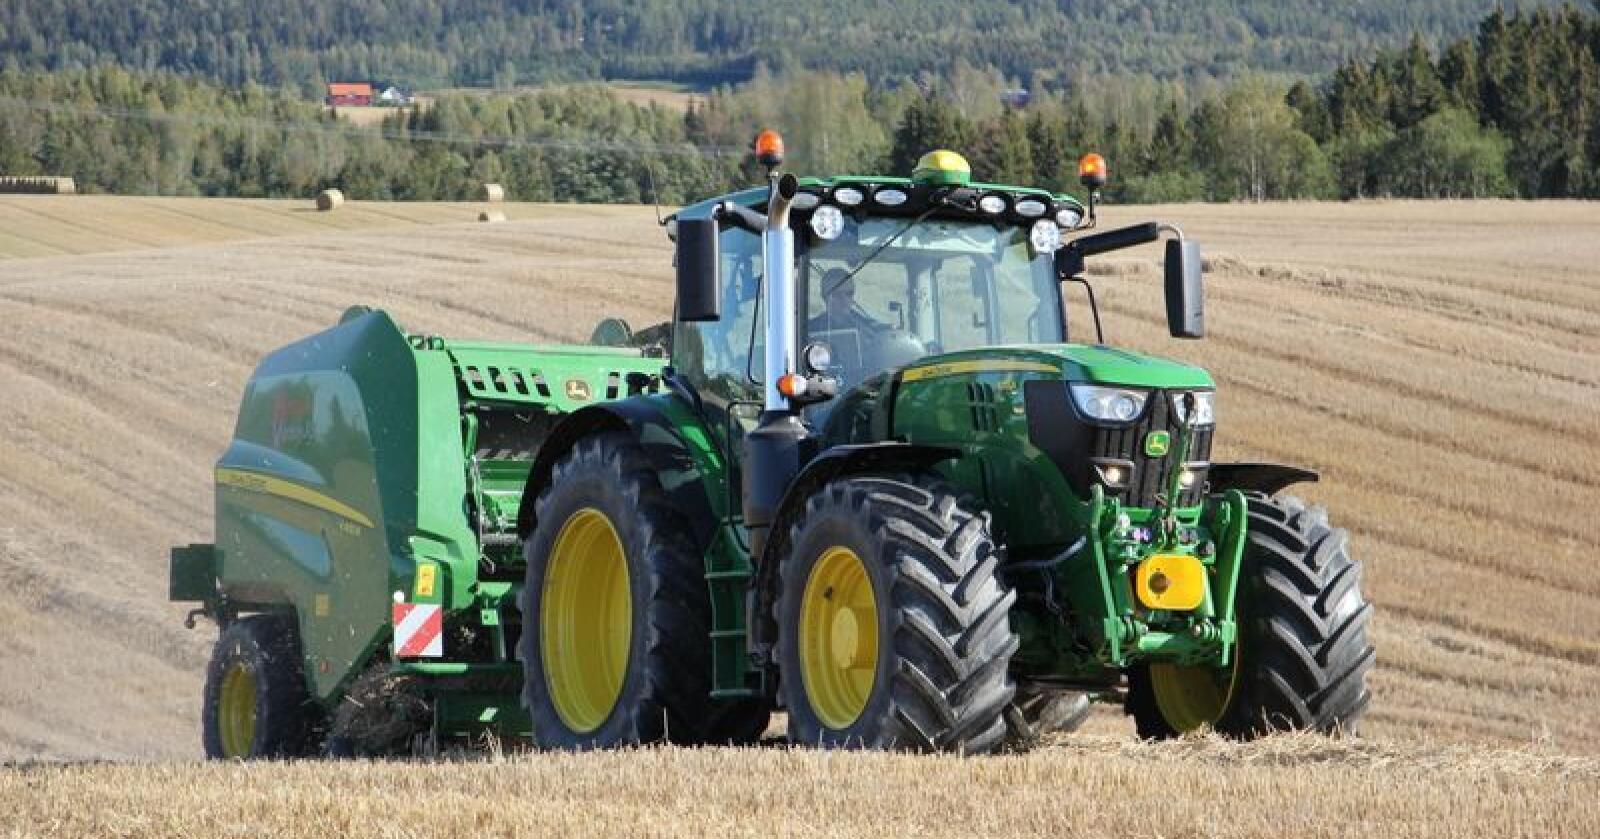 FORNØYD: Kornprodusent og entreprenør Ola Hytjan er svært fornøyd med både kapasiteten på V451R og hardheten på ballene. Foto: Camilla Mellemstrand